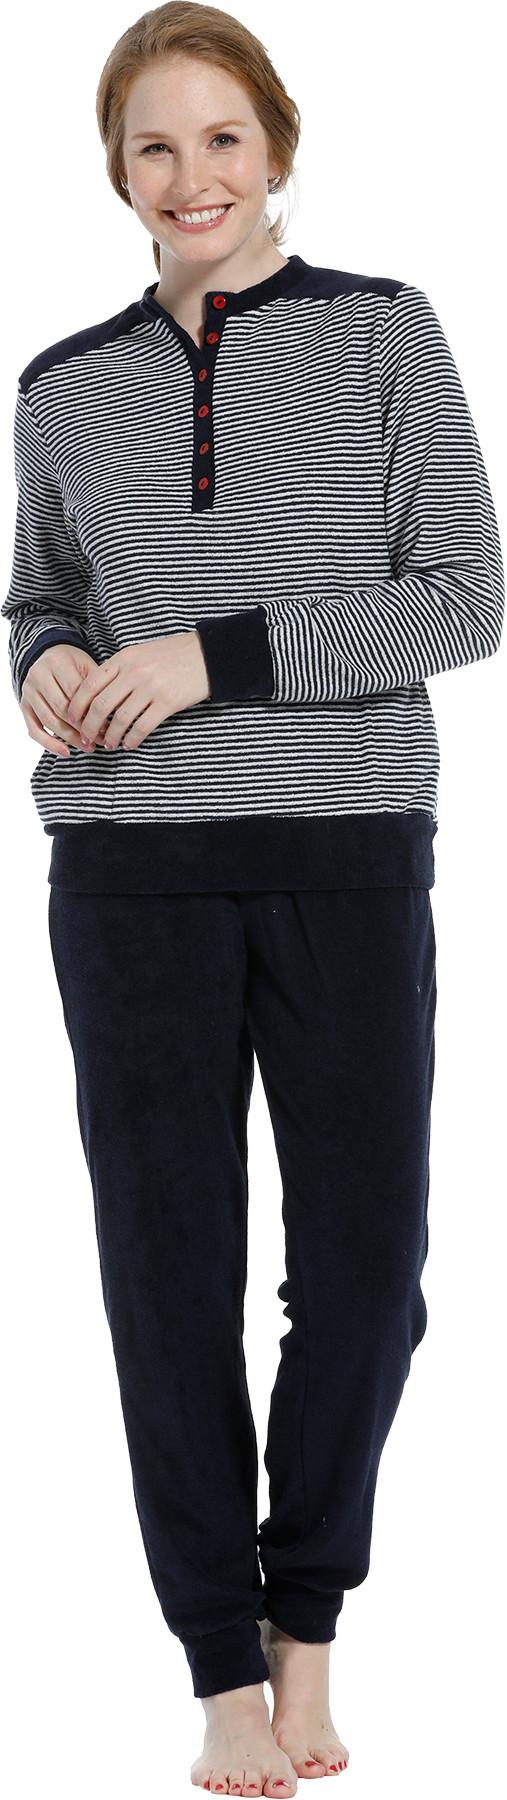 Dames badstof pyjama Pastunette 20182-111-4-42